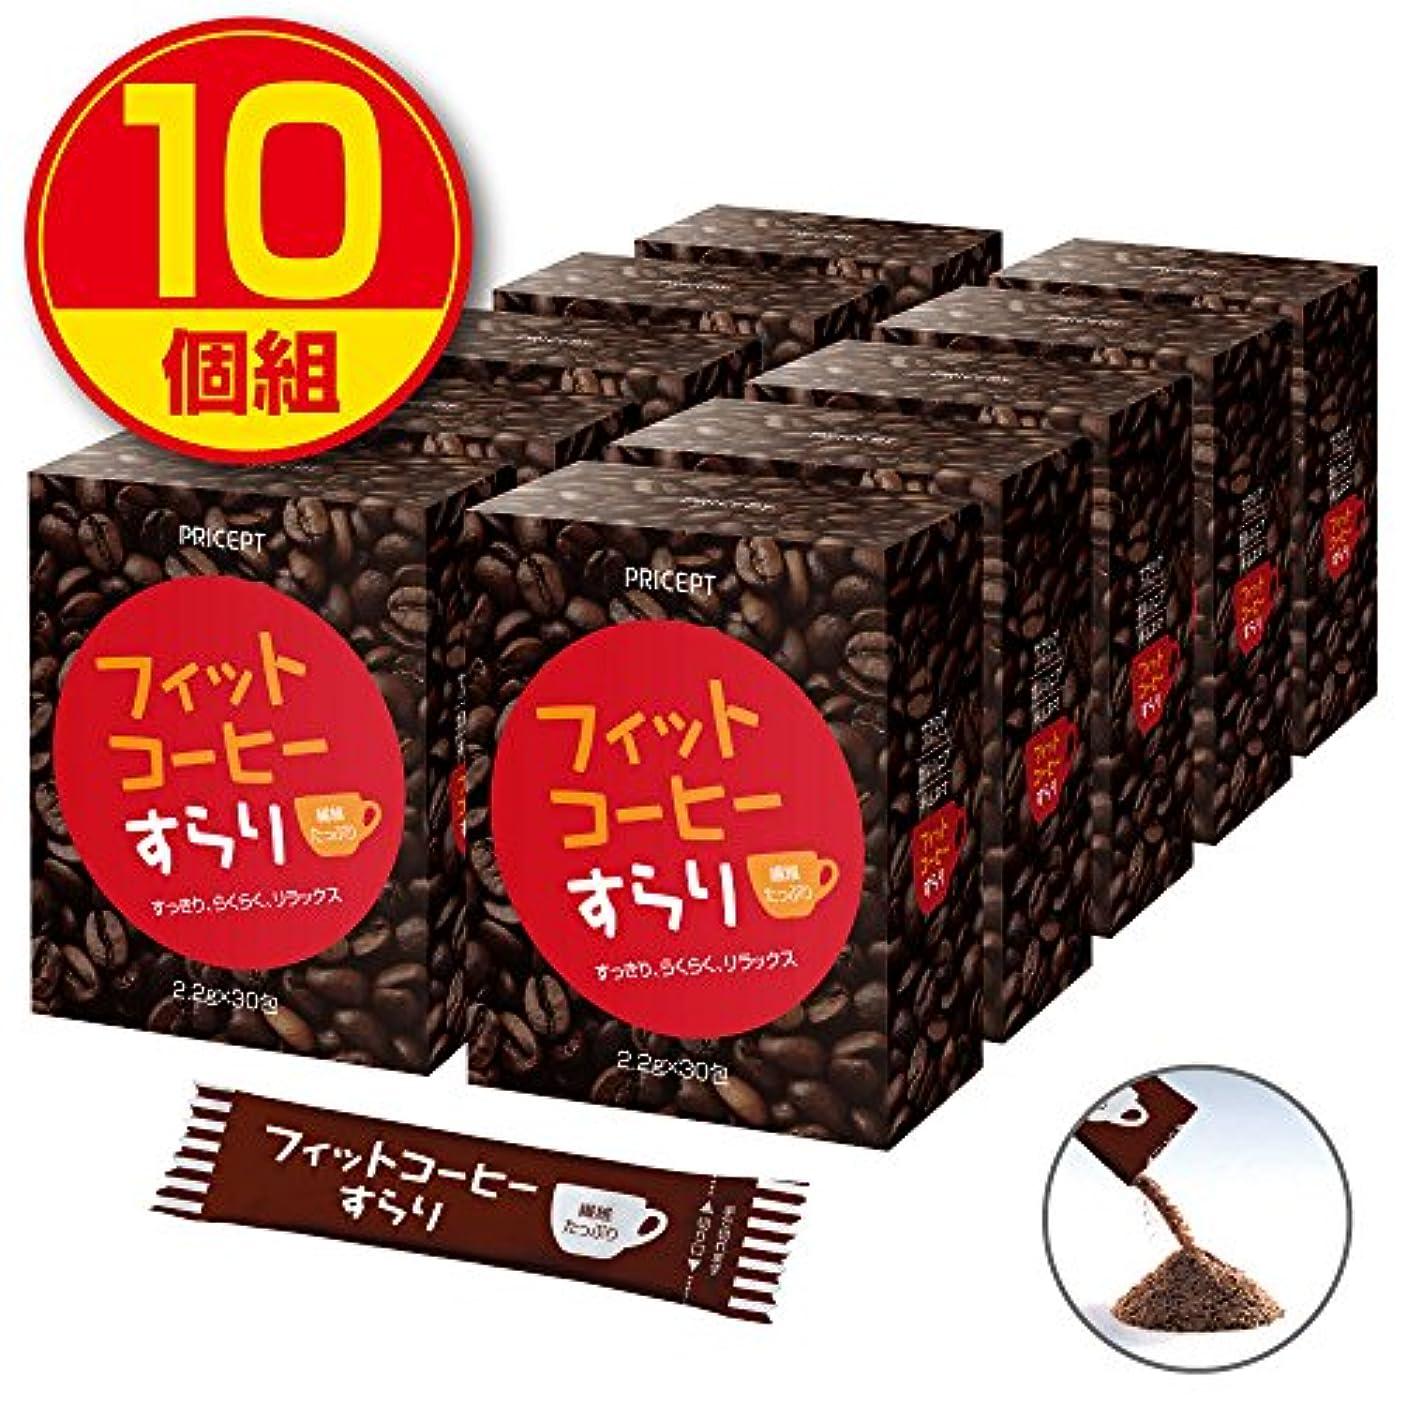 戦闘自己尊重フェローシッププリセプト フィットコーヒーすらり 30包【10個組(300包)】(ダイエットサポートコーヒー)